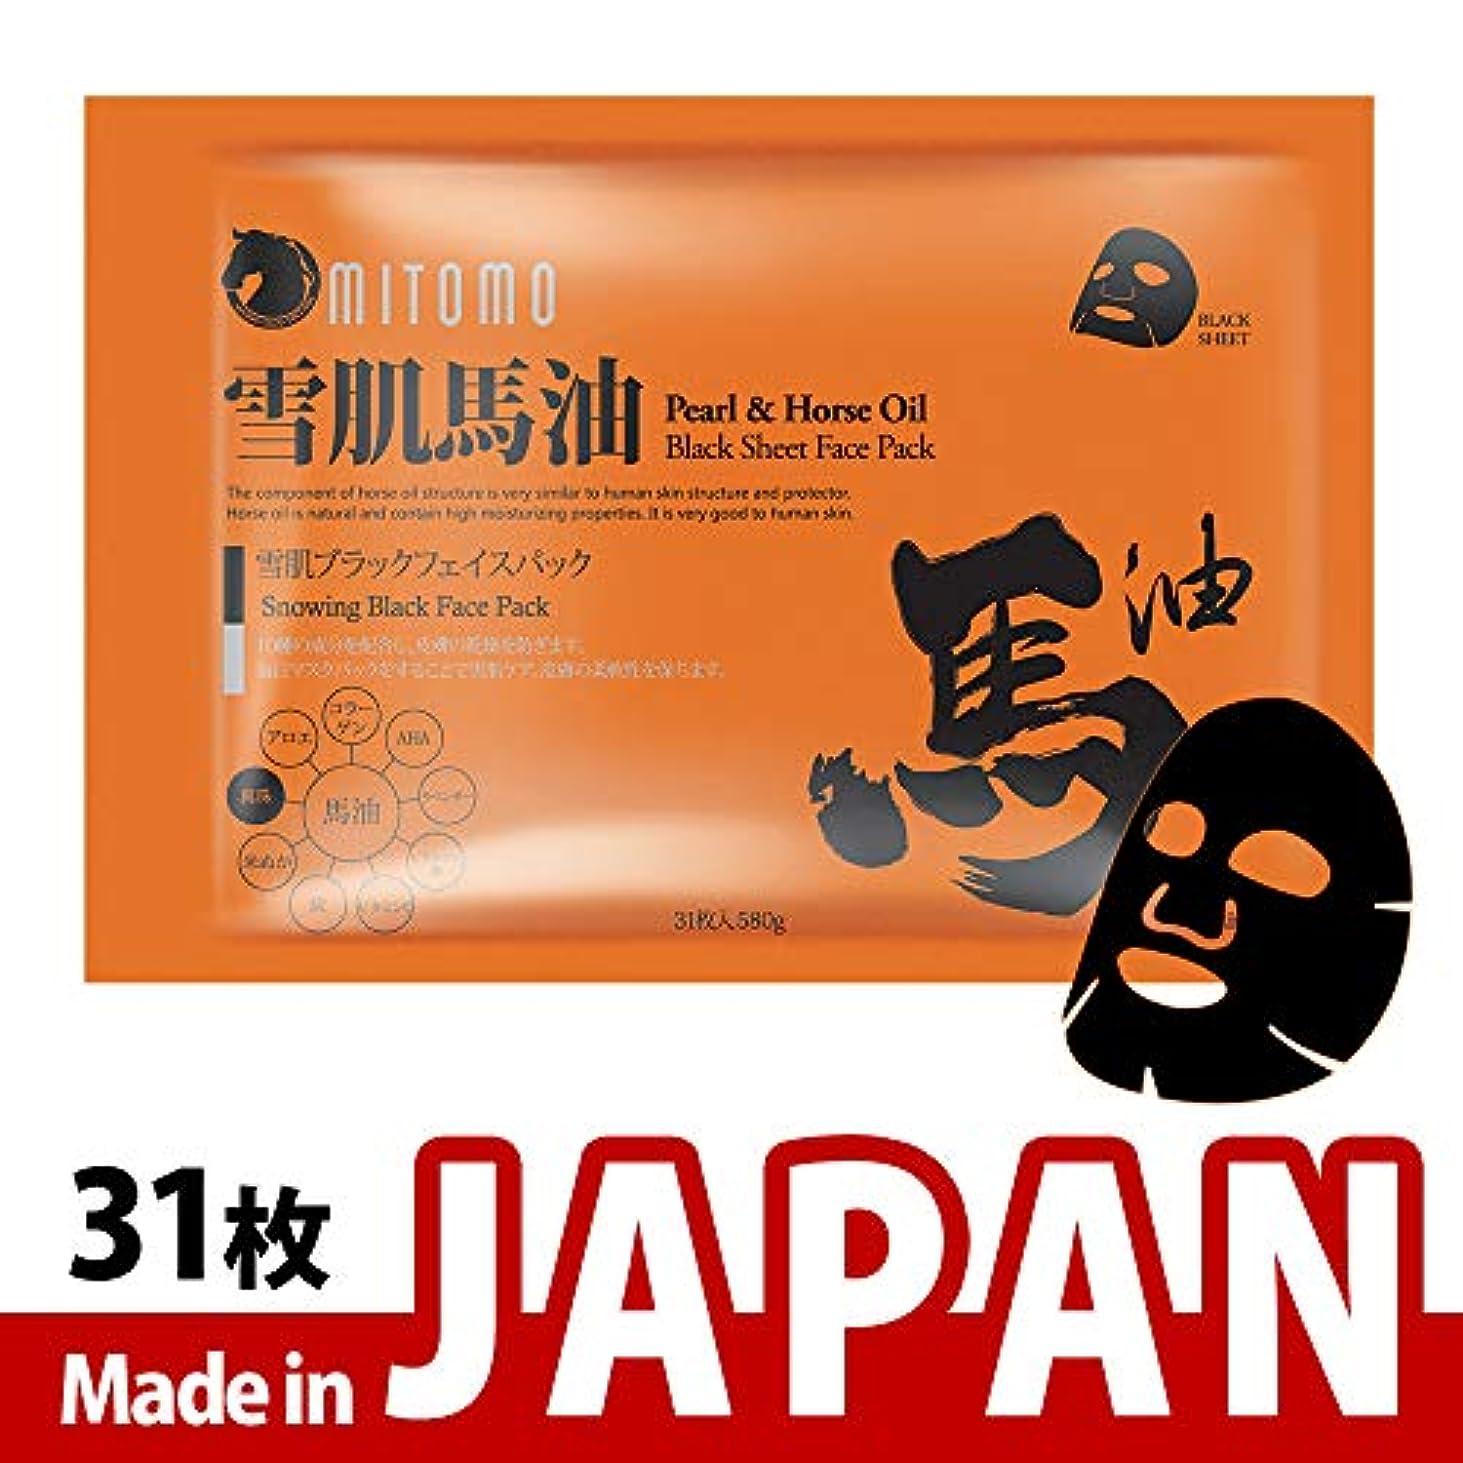 商品避けられない少年【MC740-C-1】雪肌ブラックフェイスパック /31枚入り/31枚/美容液/マスクパック/送料無料